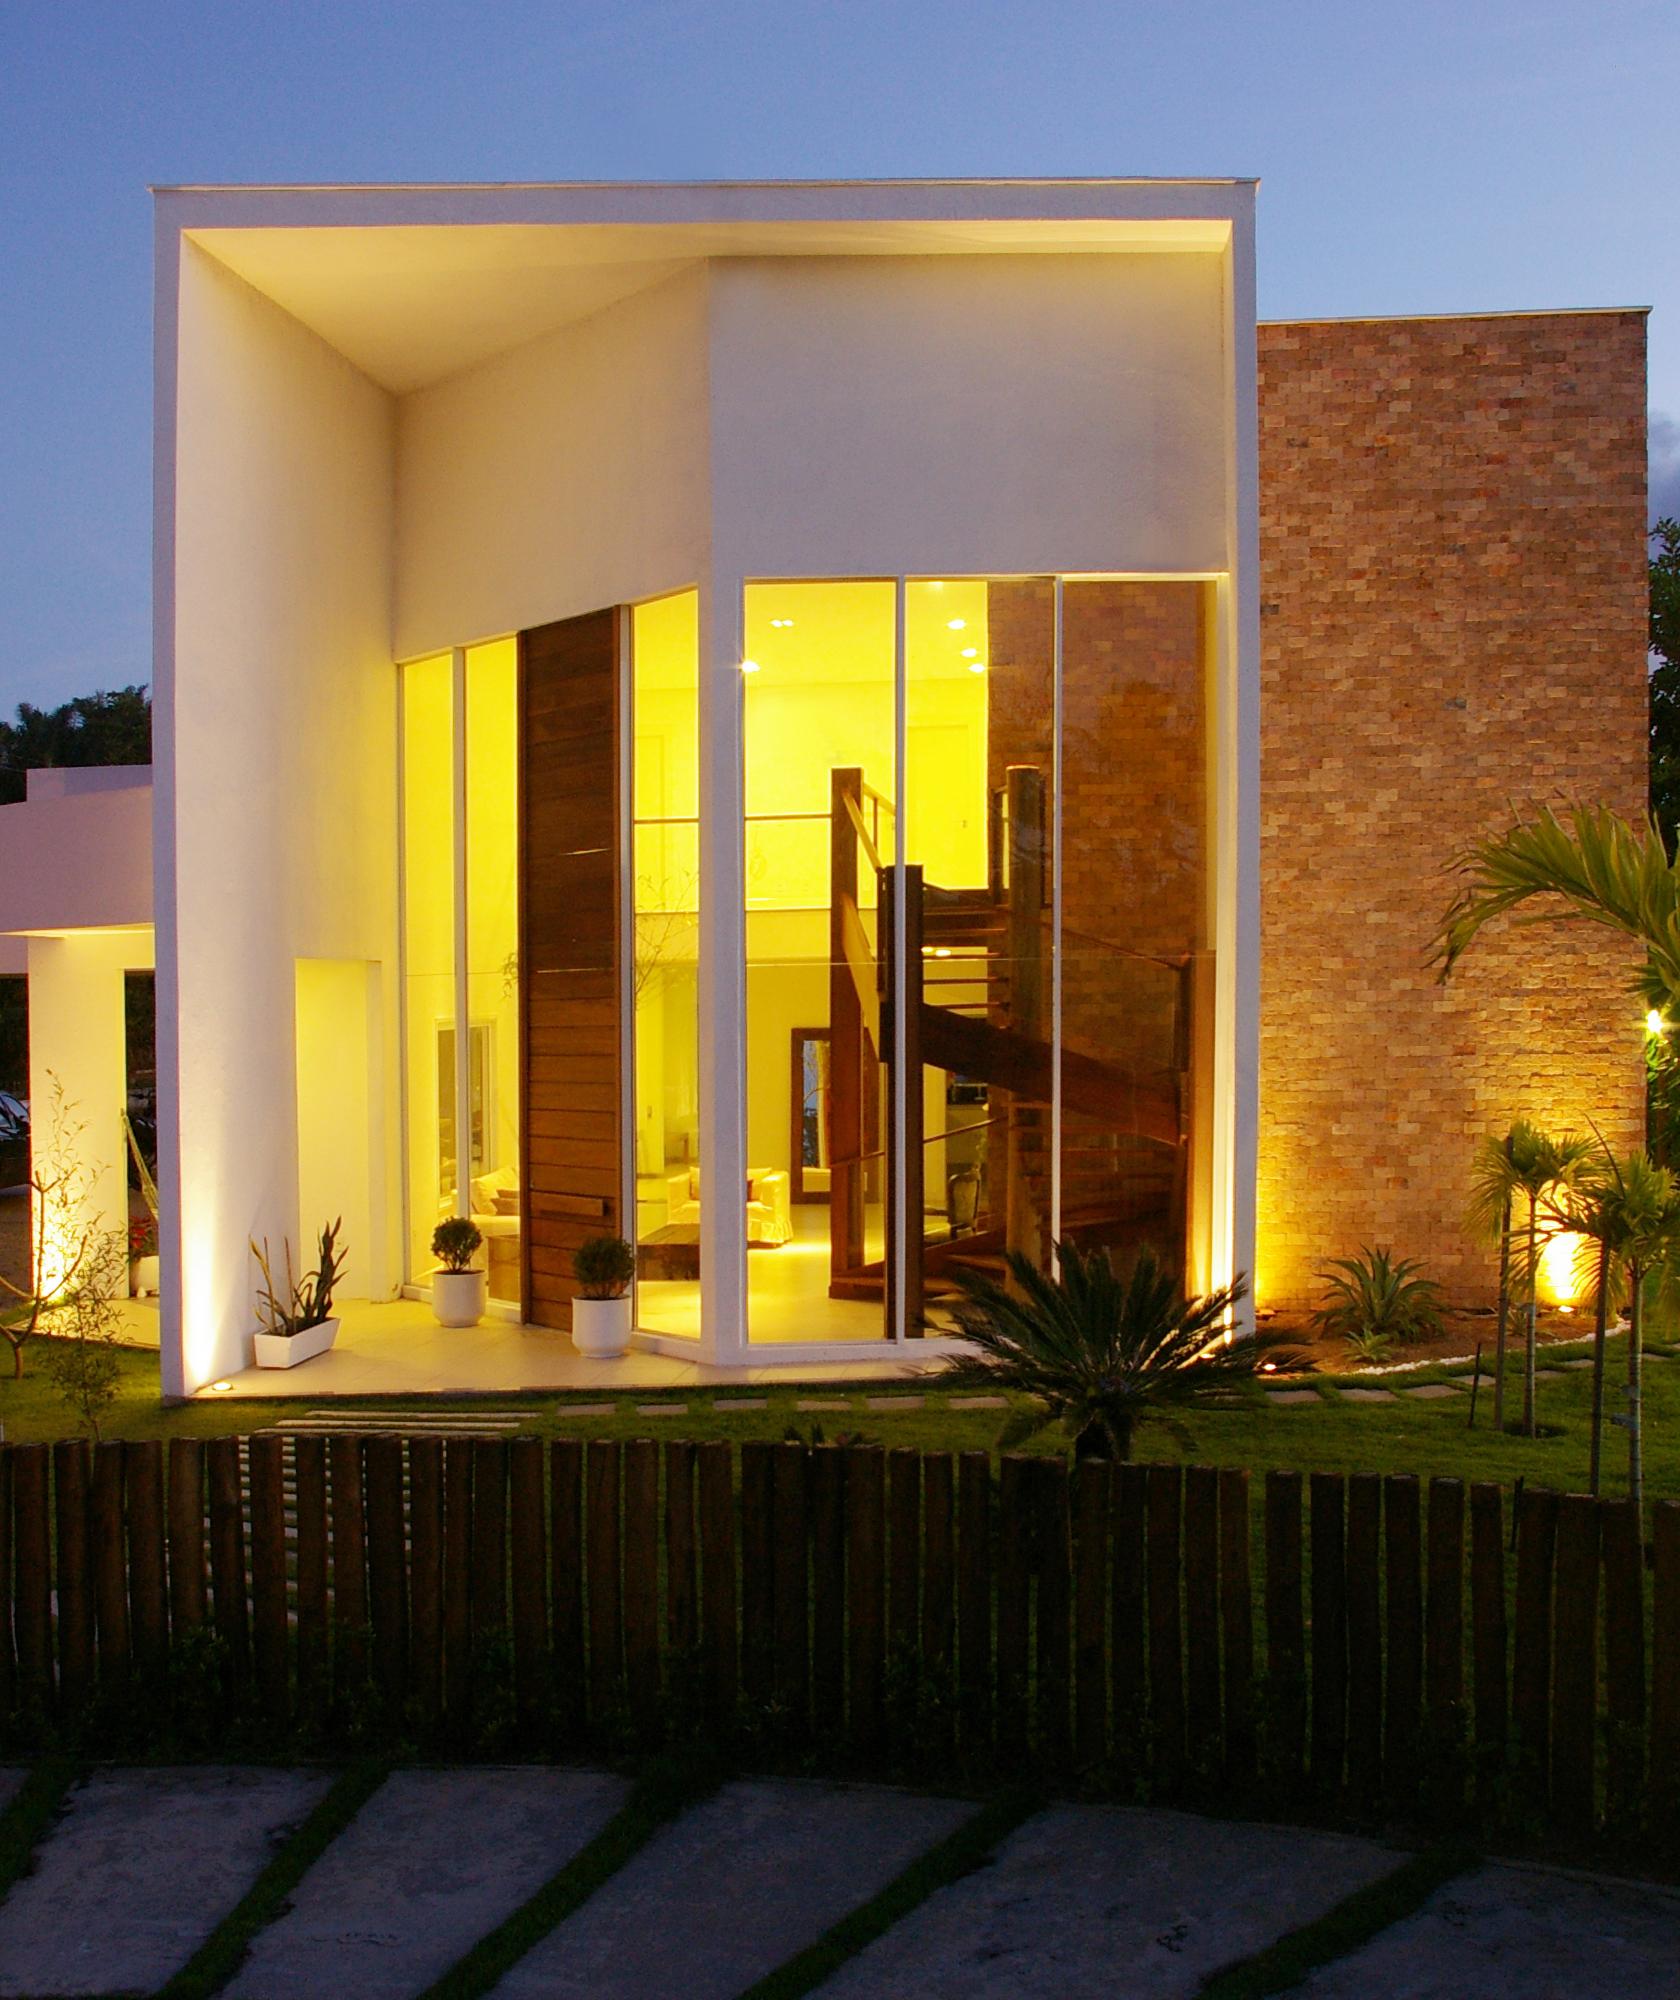 Casa com fachada de vidro protegida contra o sol